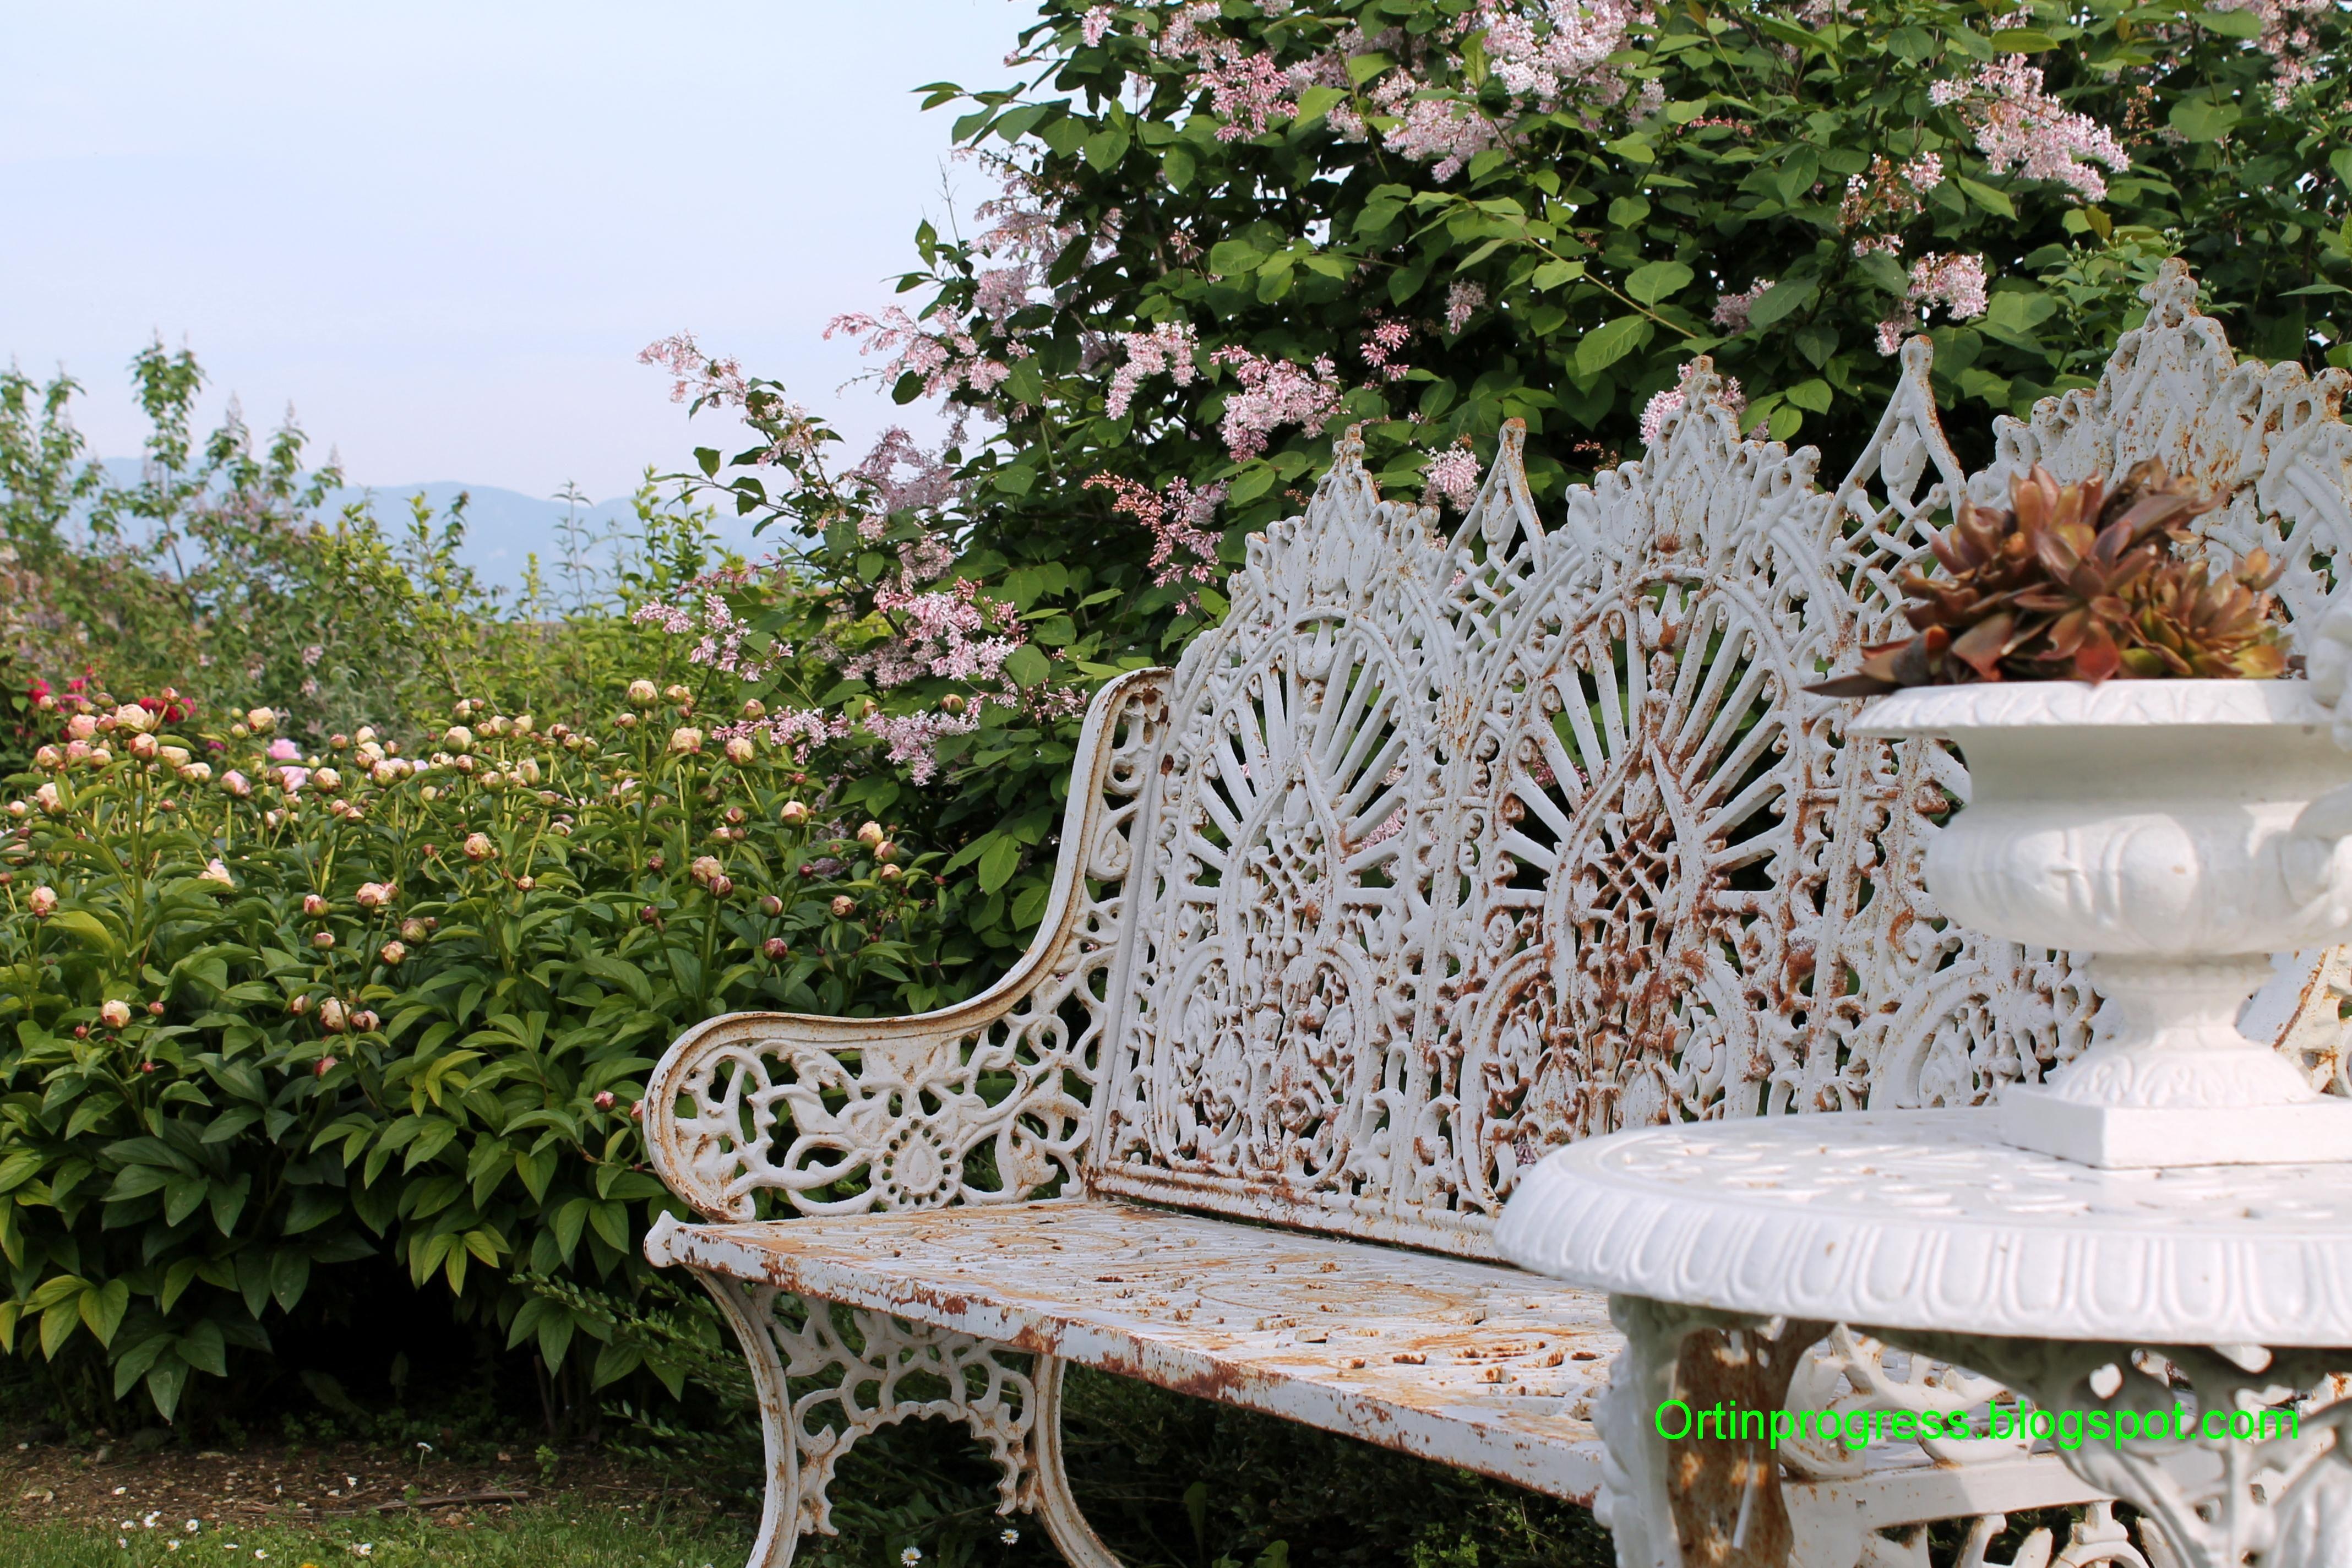 Orti In Progress Panchine Giardini Di Casa Giardino